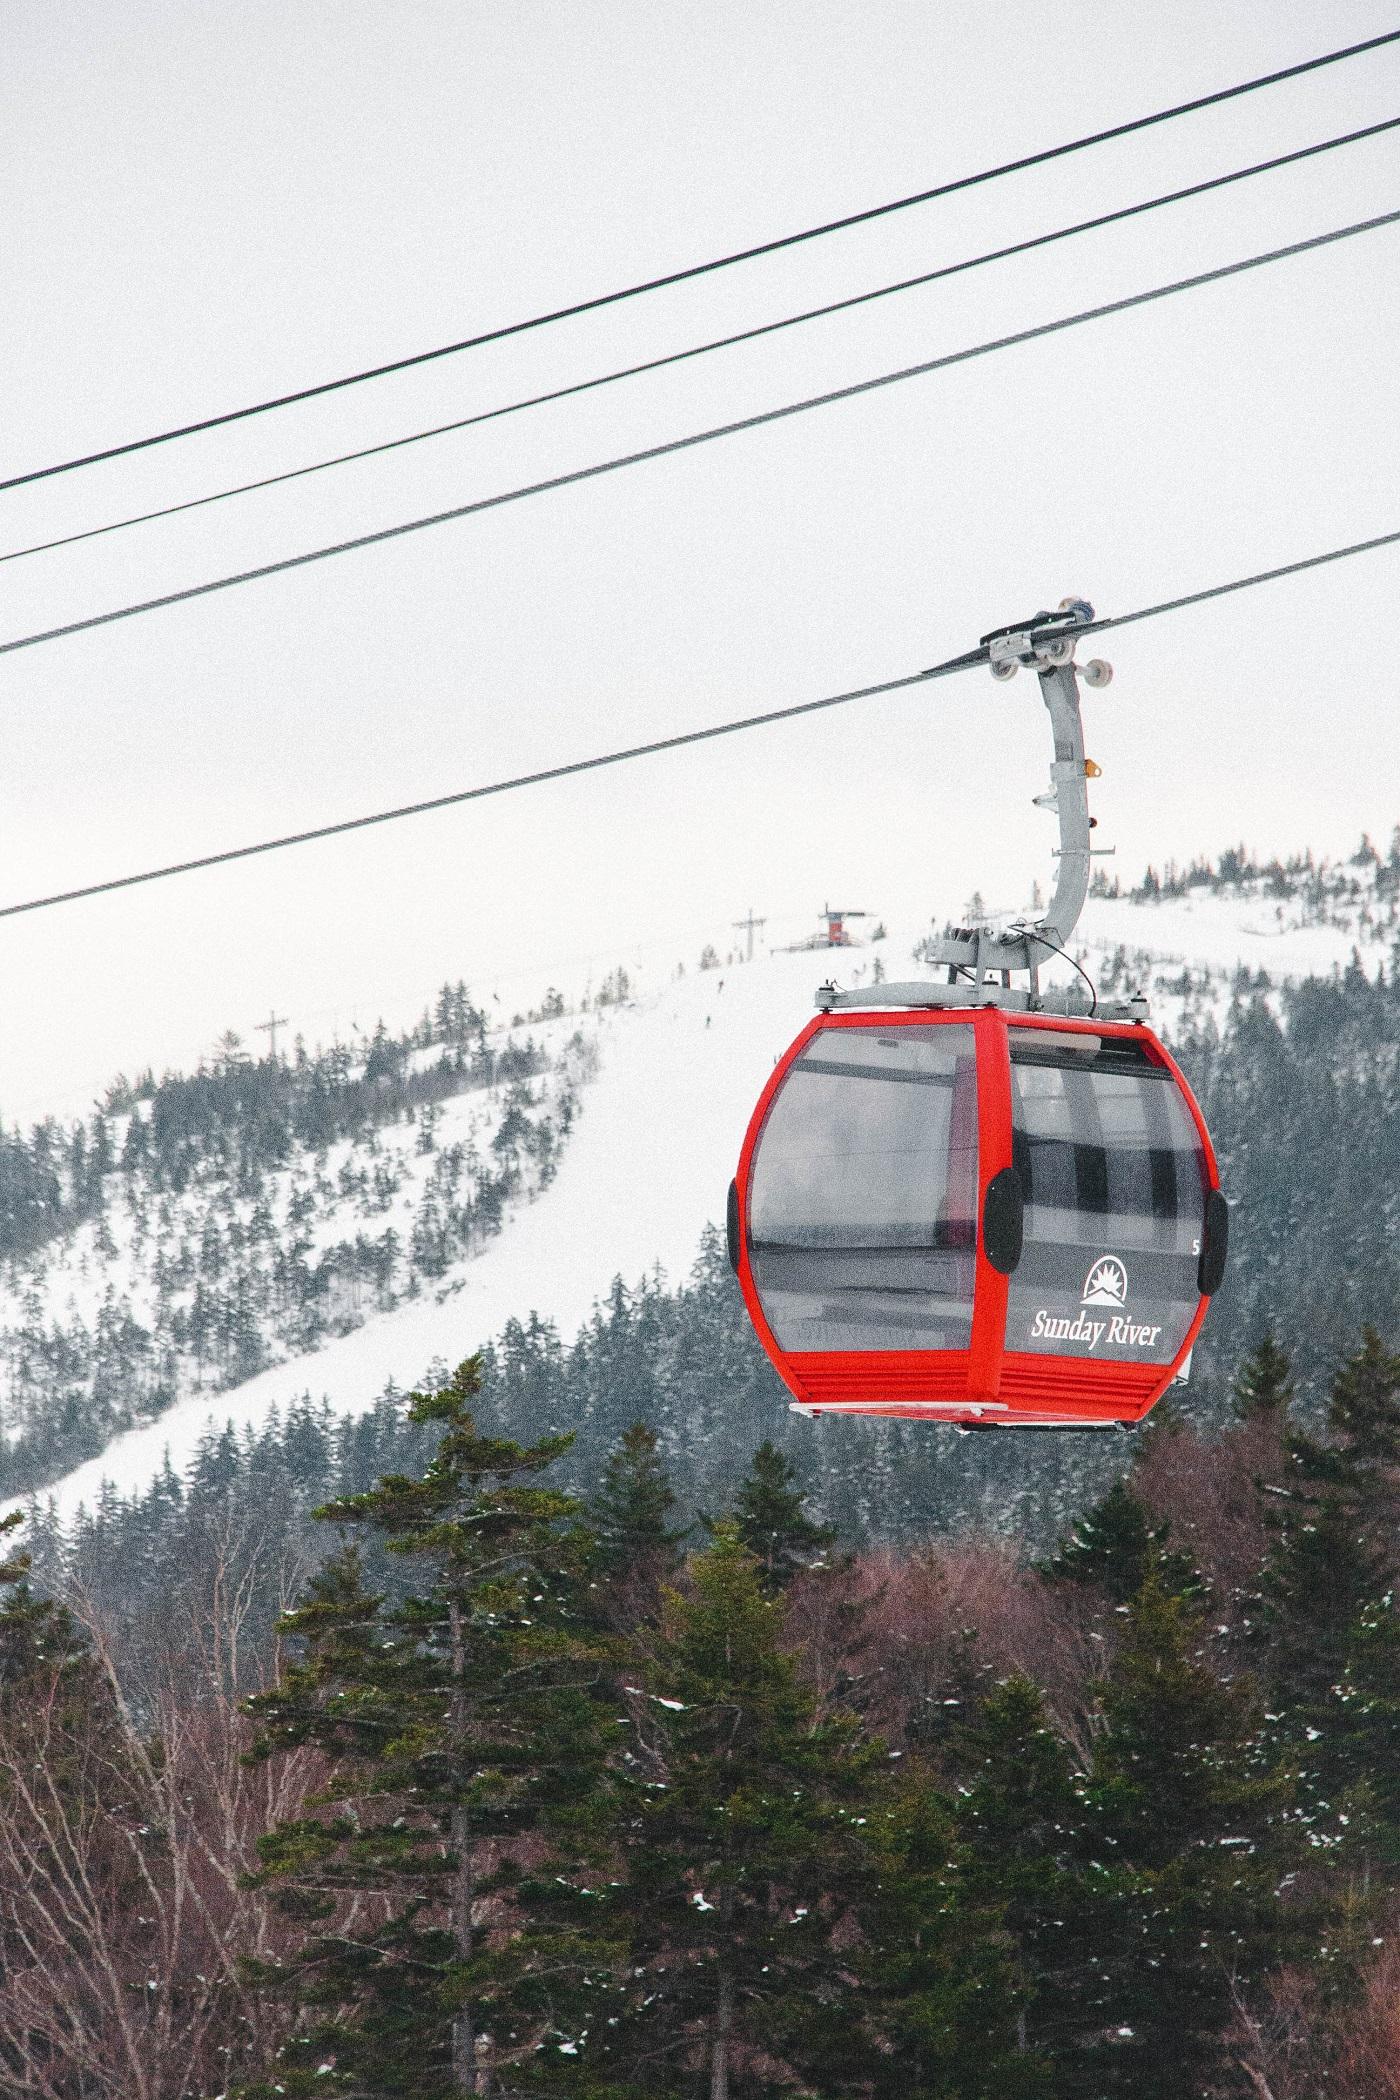 Ski Holiday at Sunday River